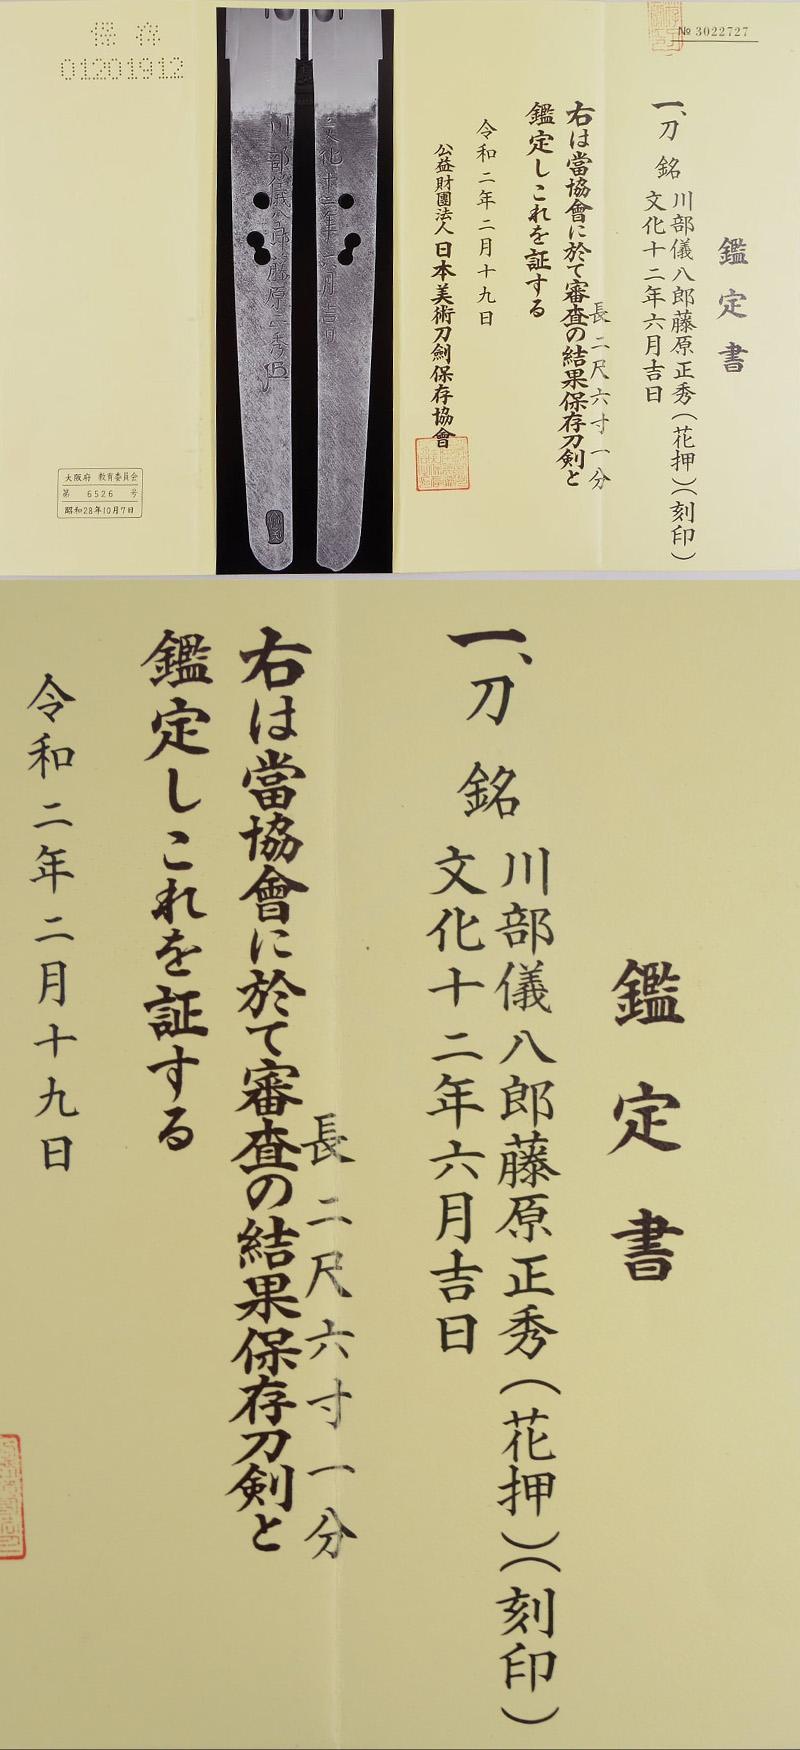 刀 川部儀八郎藤原正秀(花押) (刻印) (新々刀 最上作)    文化十二年六月吉日 Picture of Certificate